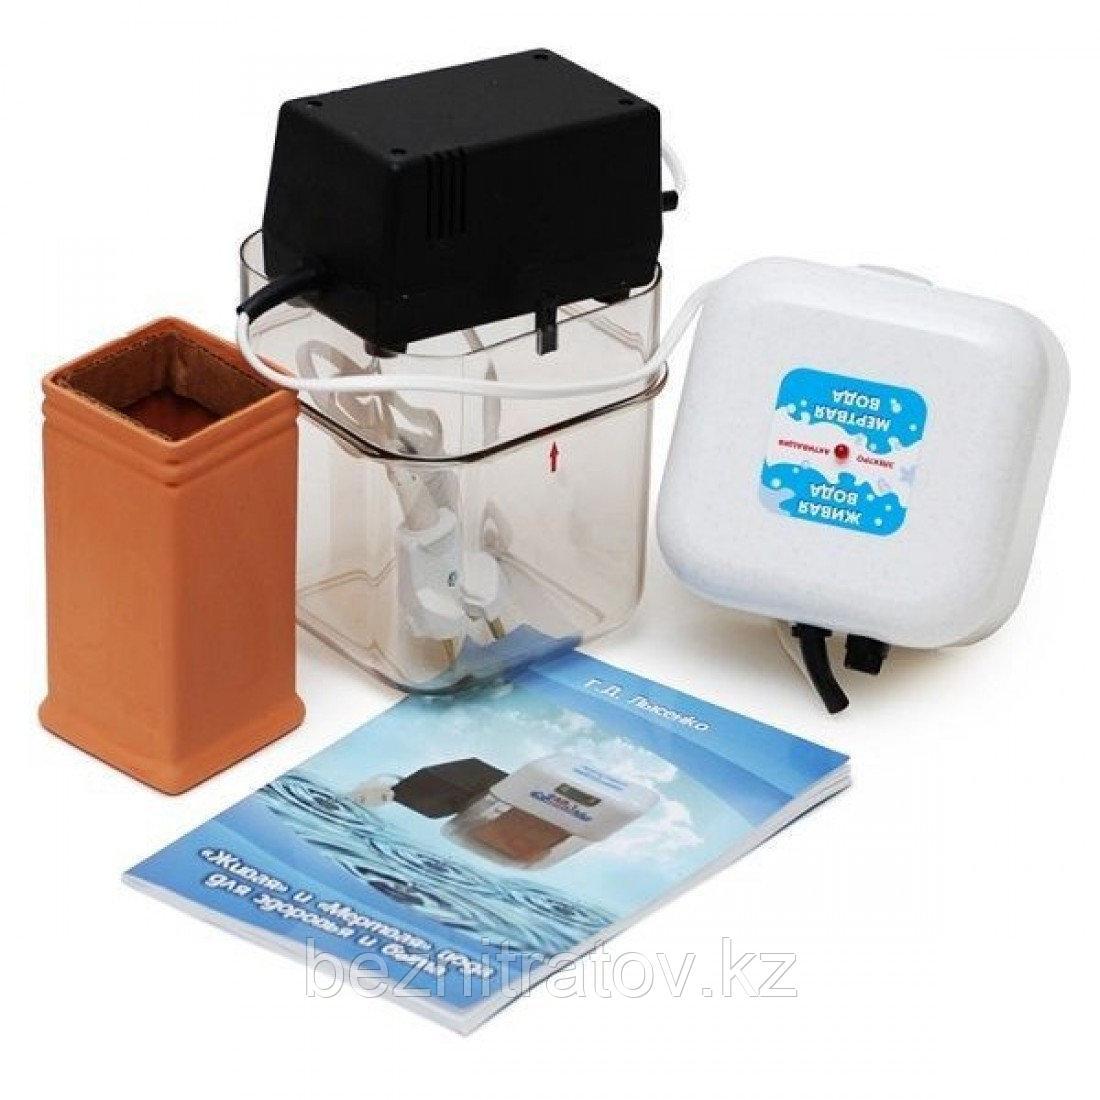 Активатор воды АП-1 (исполнение 2 Т, титановые электроды)